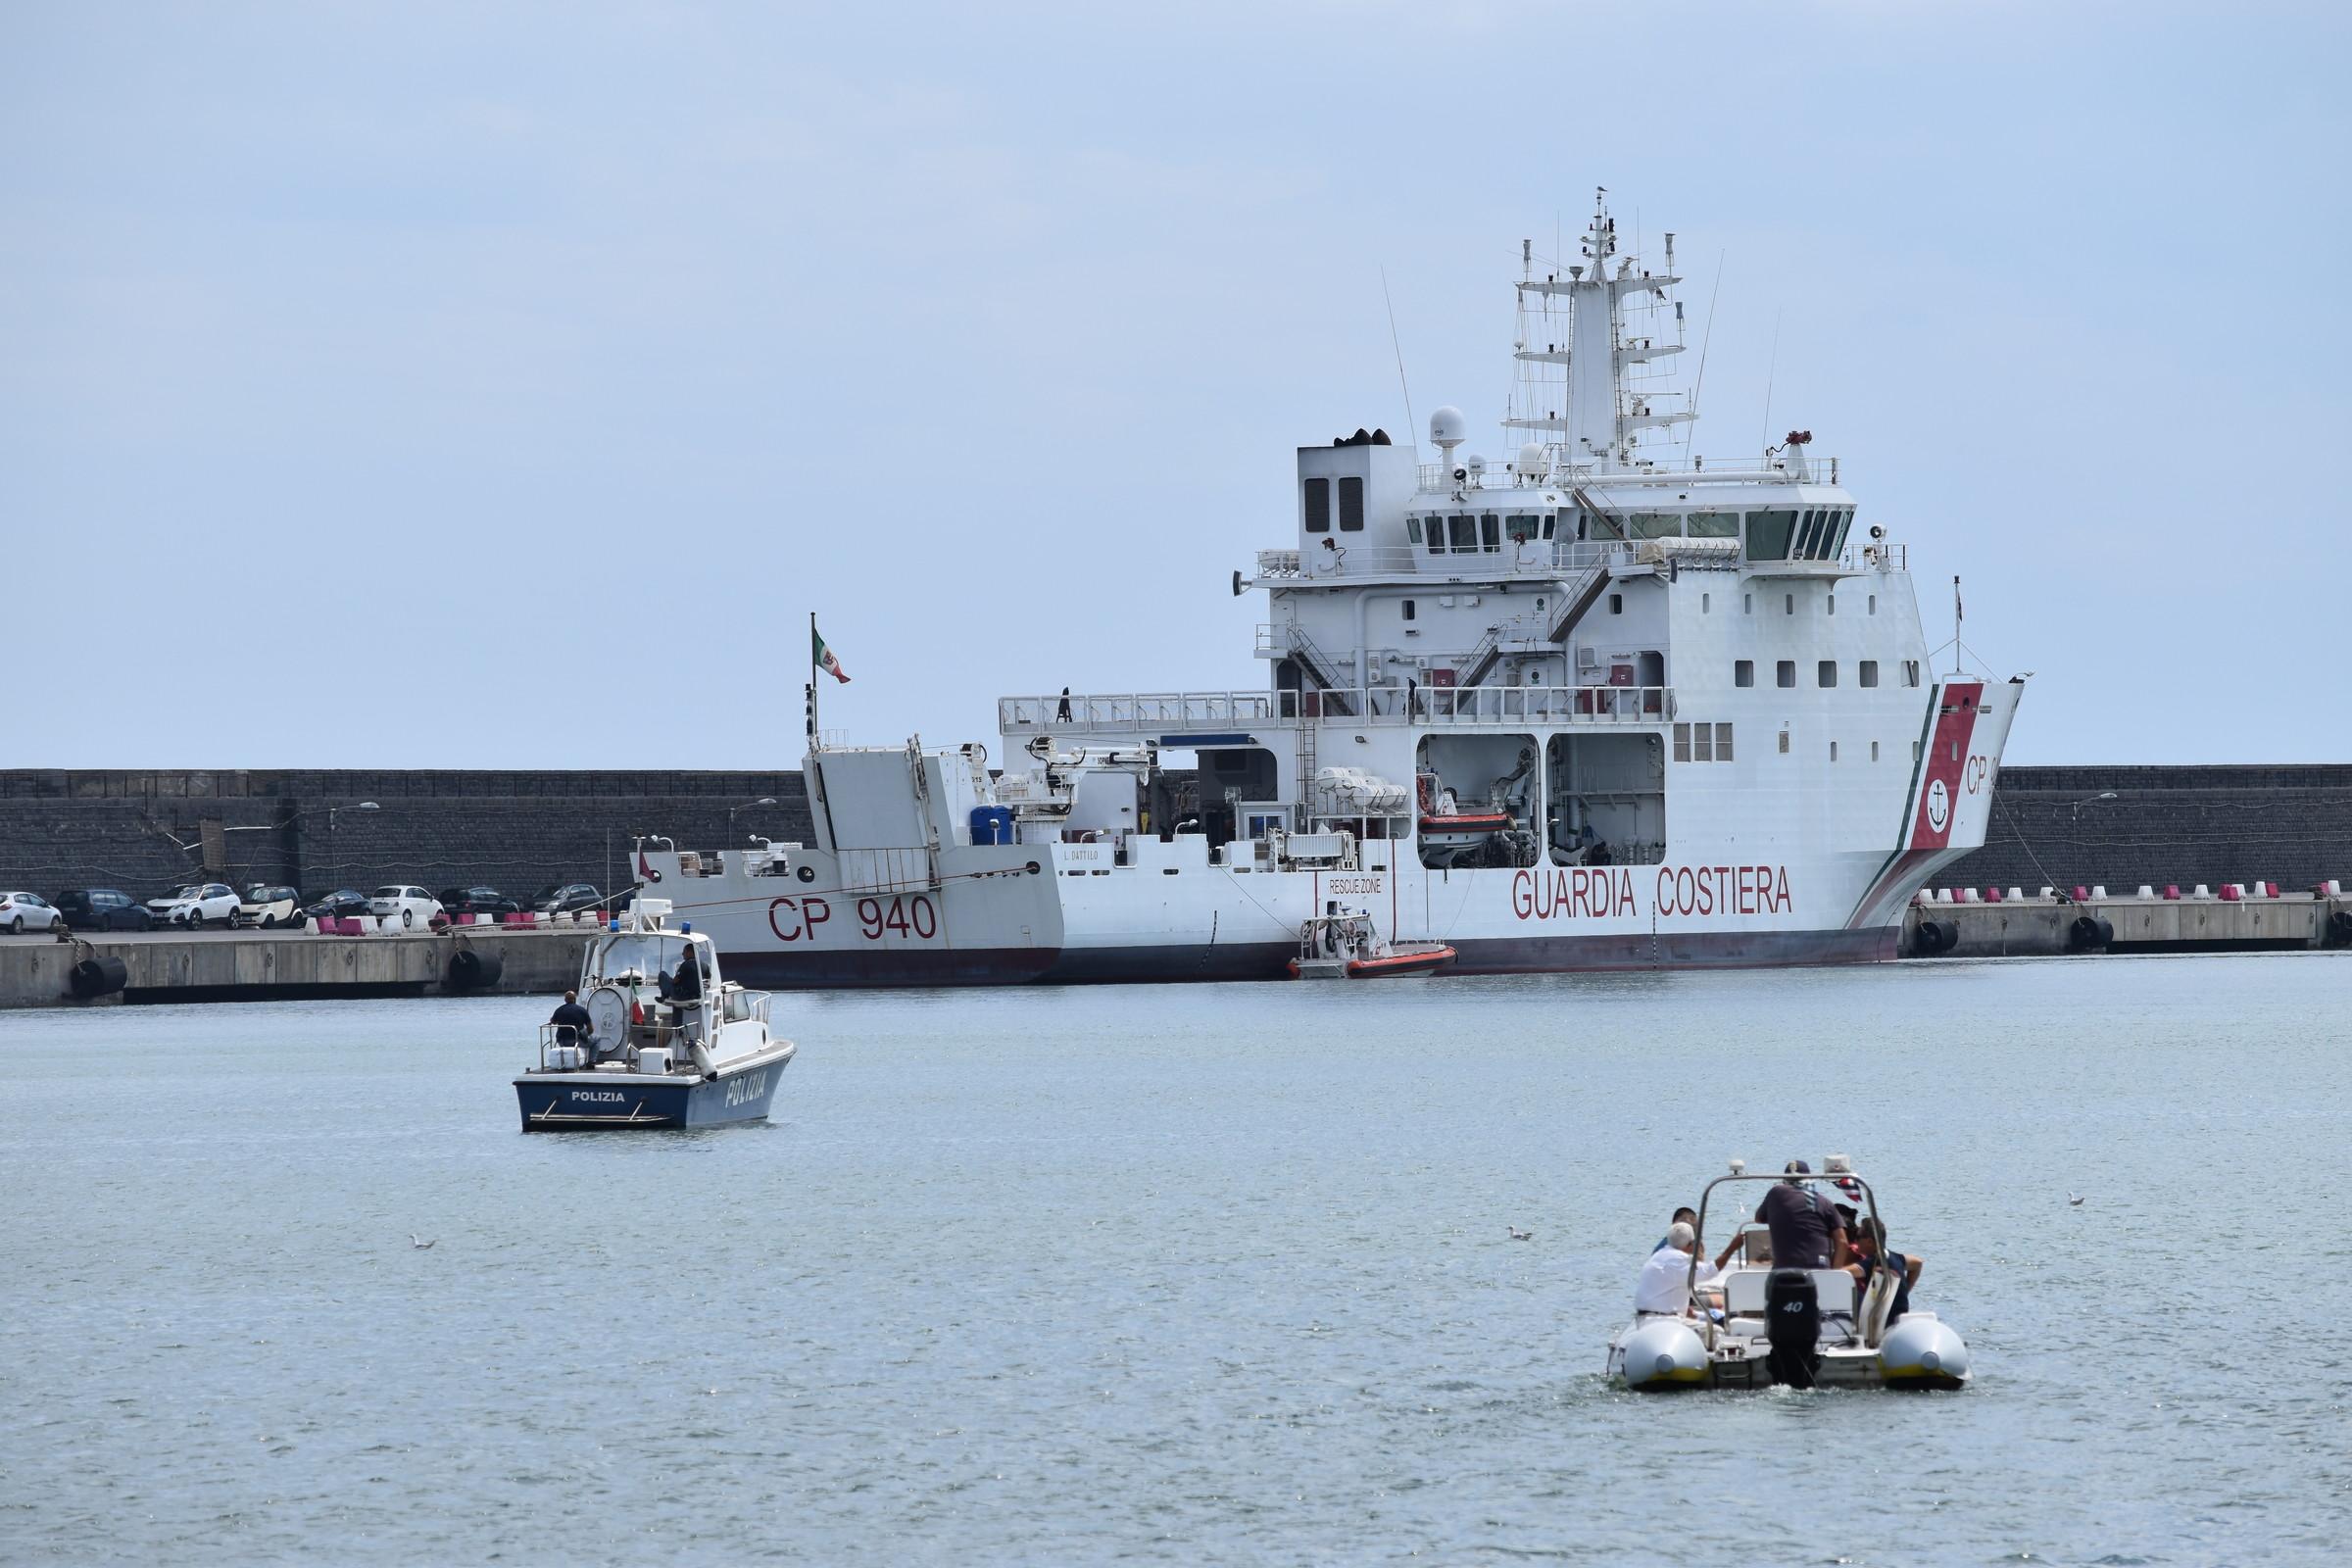 Migranti, la Guardia costiera salva 70 persone avvistate in acque maltesi